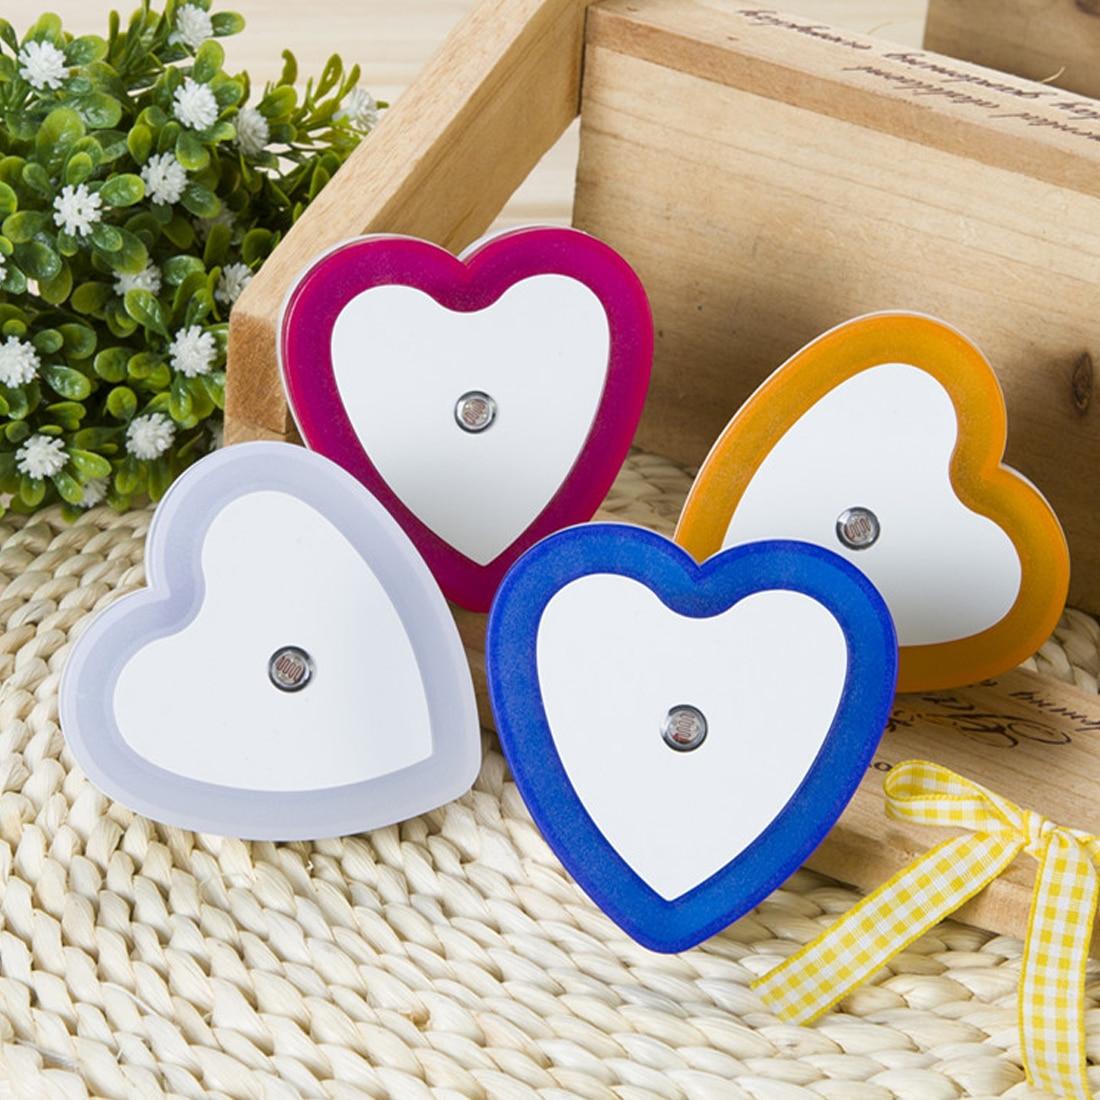 Lovely Heart Light Sensor Control LED Night Light EU Plug Novelty Bedroom Lamp For Baby Kids Gifts Luminaire Sleep Light